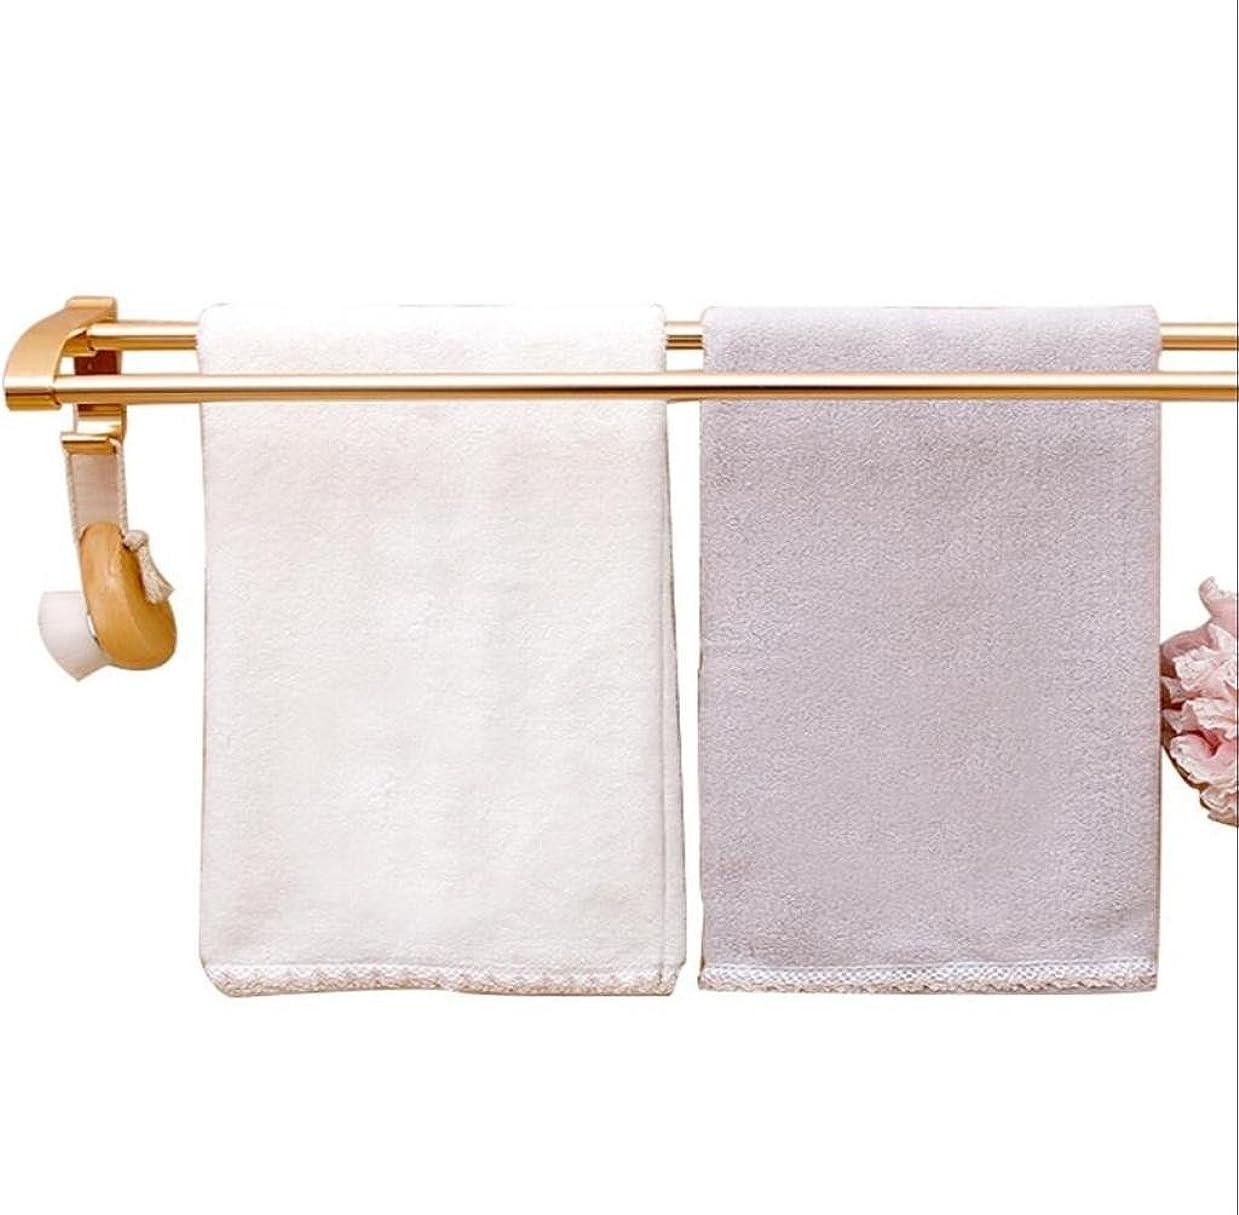 製造札入れ動タオルStandsレールラック浴室シェルフバスフックハードウェアリングペンダントSuckerタイプフリーPunchingスペースアルミバスルームラックダブルバー